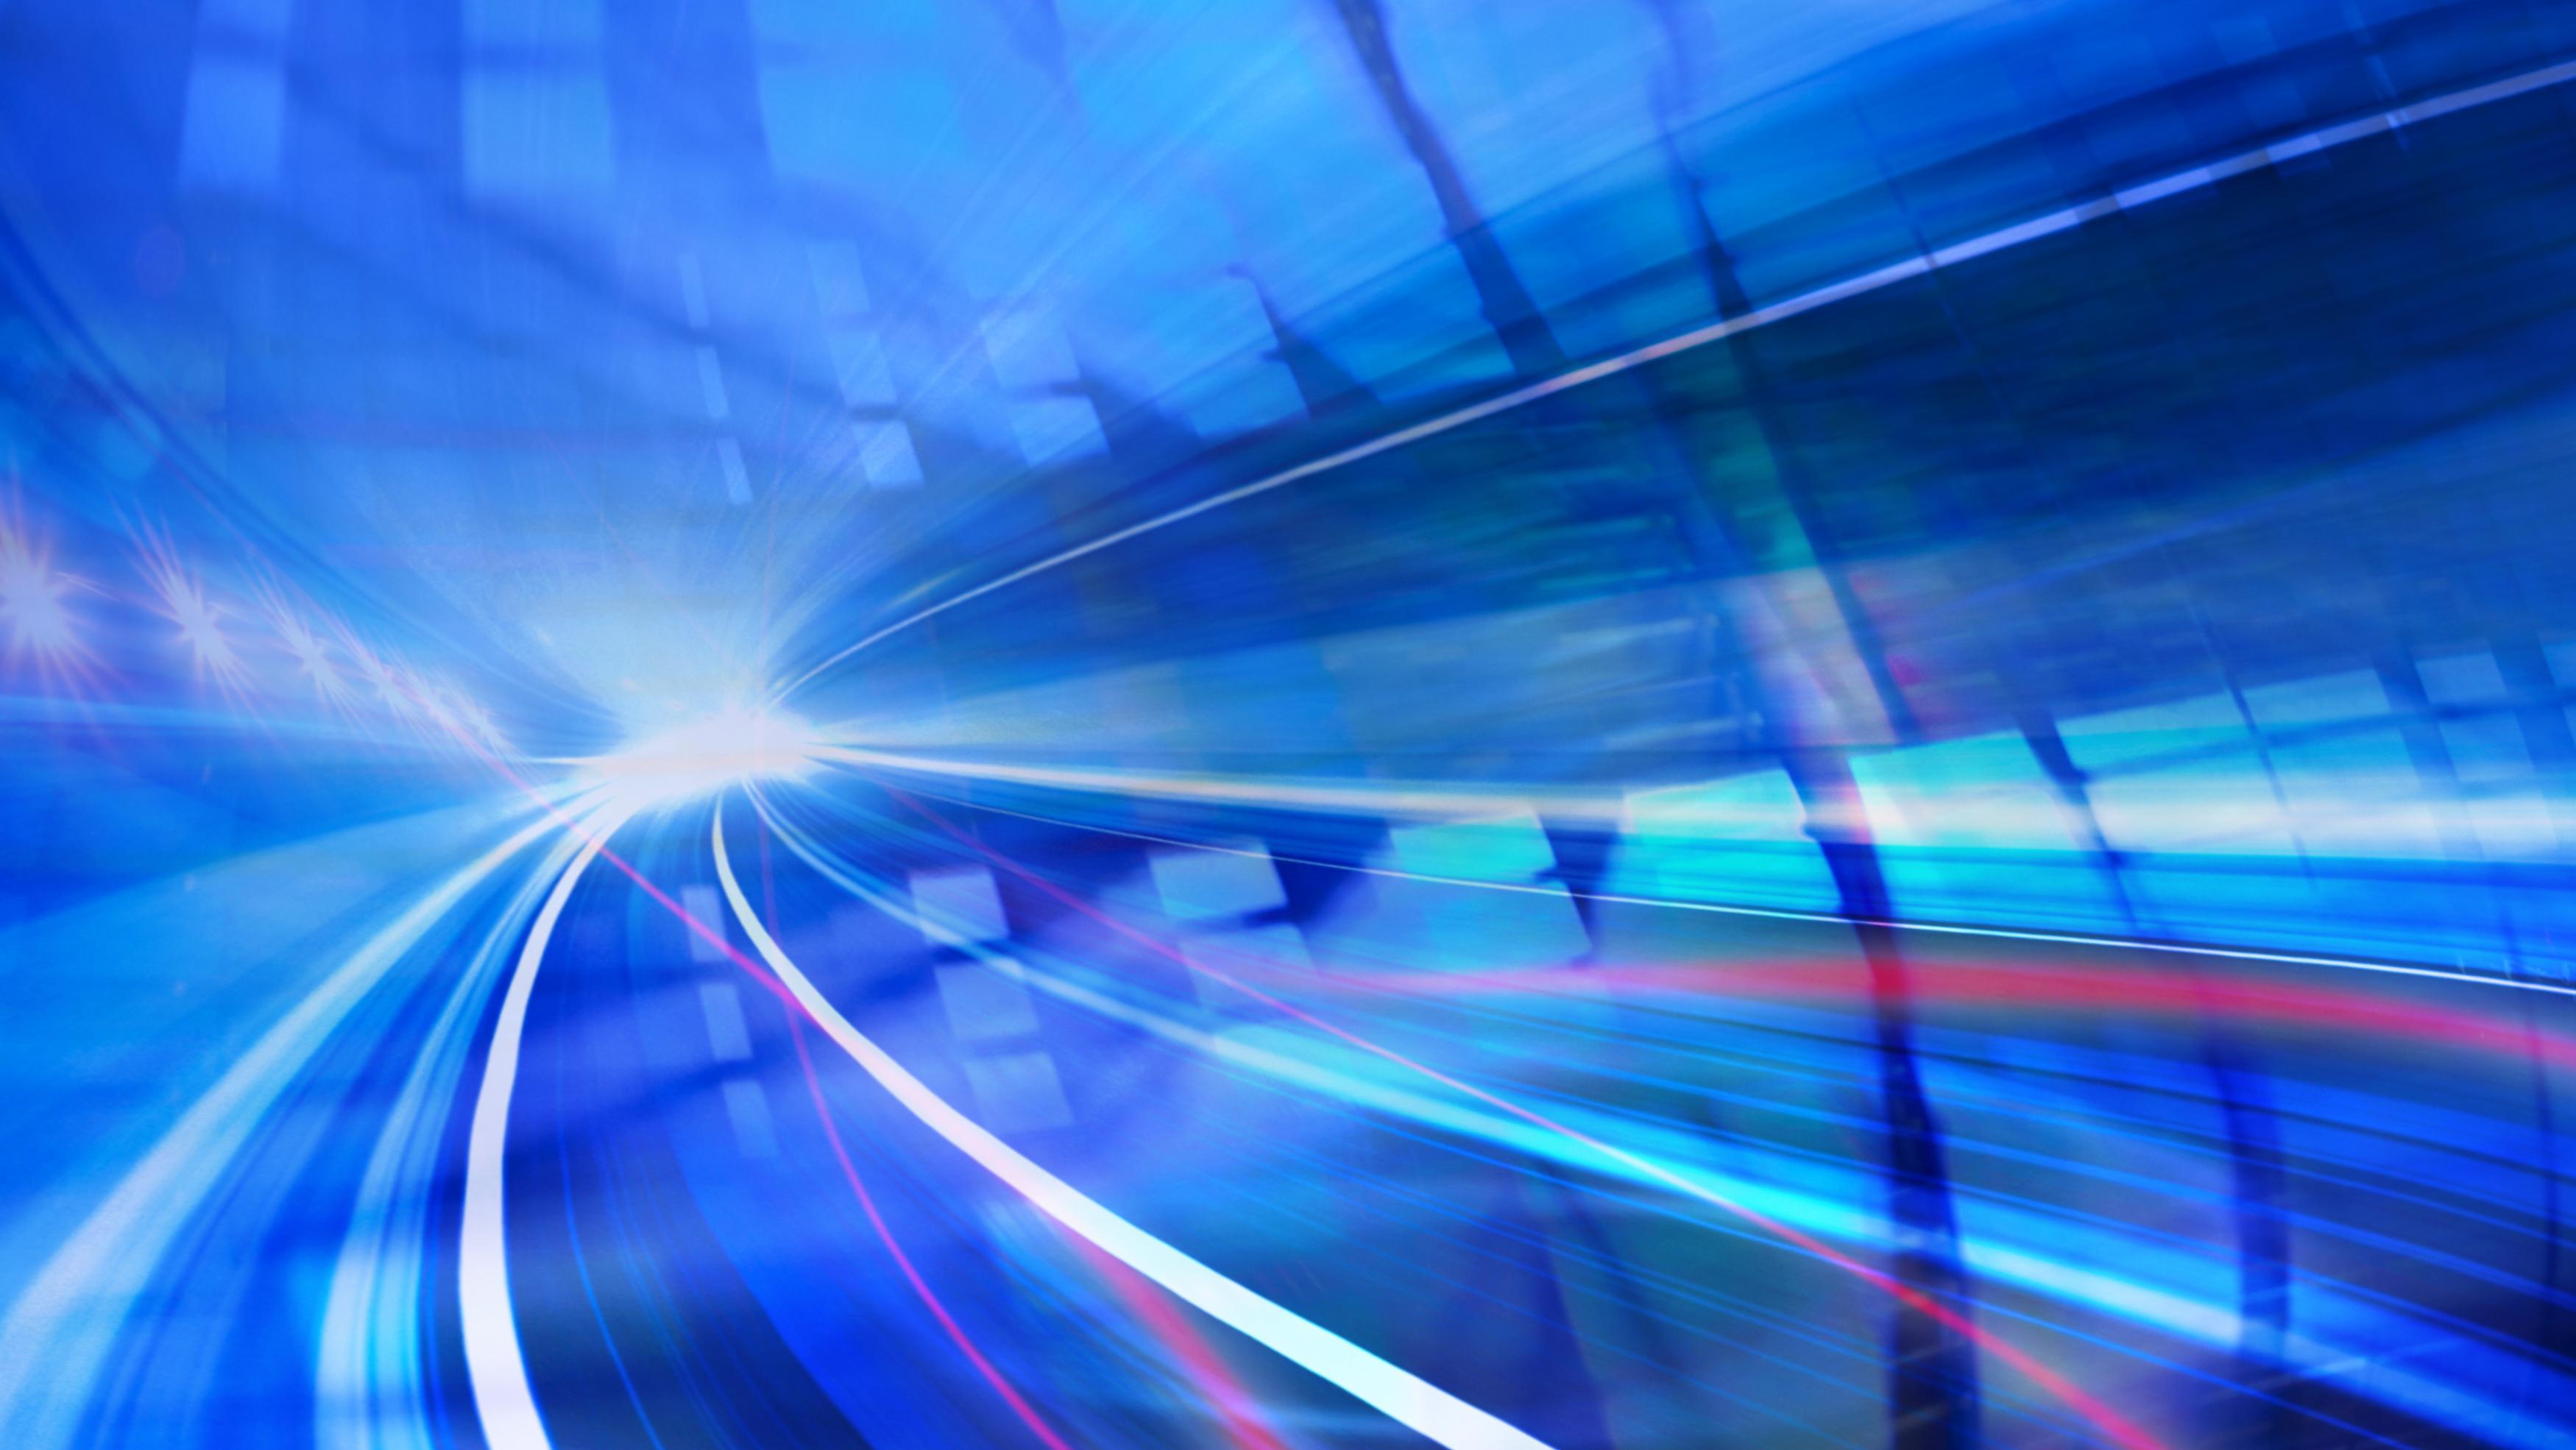 Forskere ved japanske NICT klarte å sende 319 terabit i sekundet over en (simulert) distanse på over 3000 kilometer.